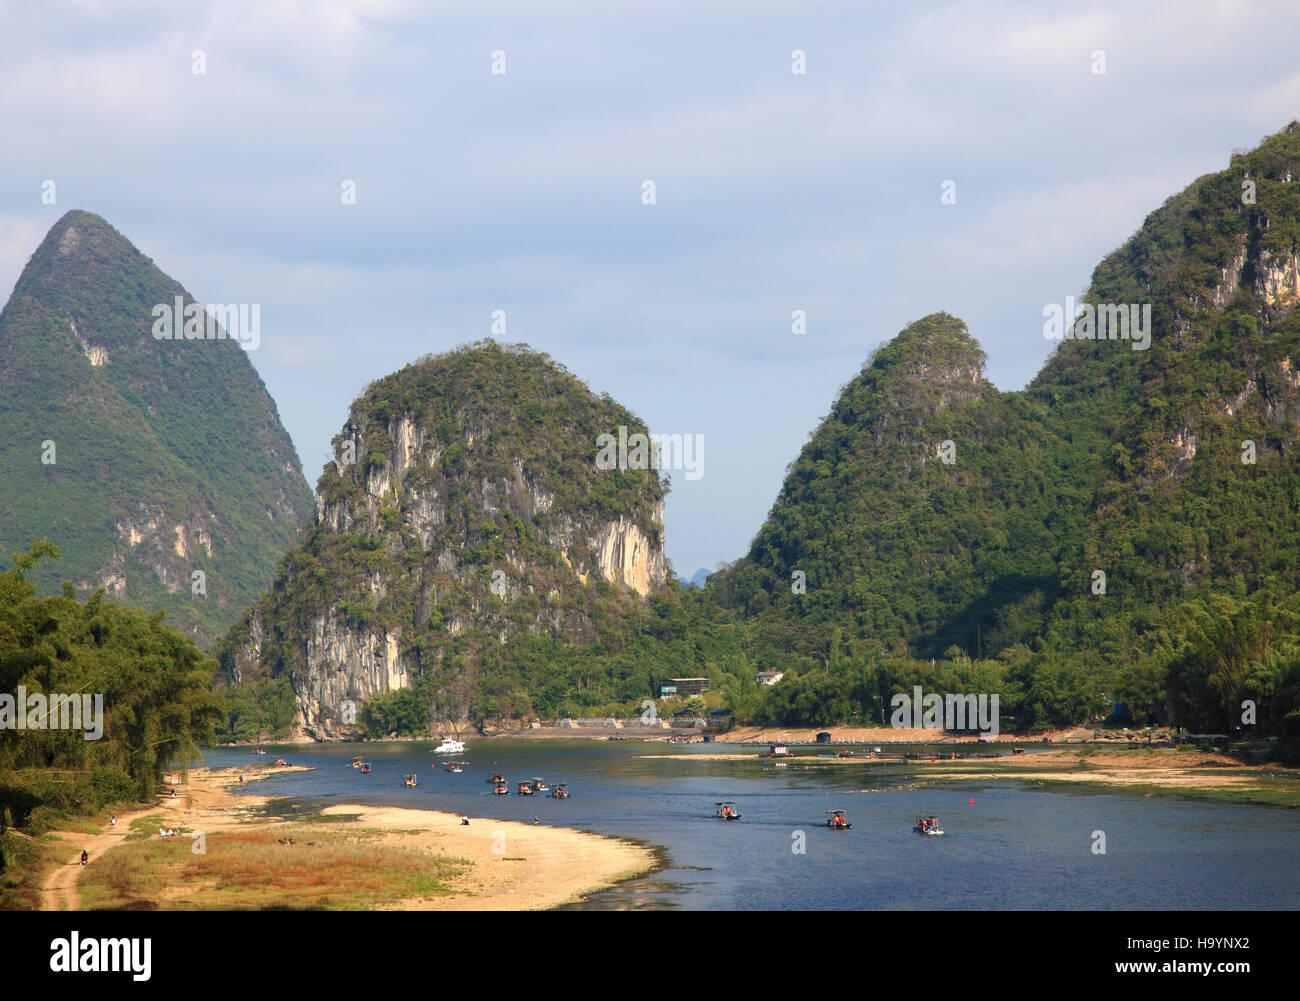 China, Guangxi, Yangshuo, Li River, karst landscape, limestone hills, Stock Photo